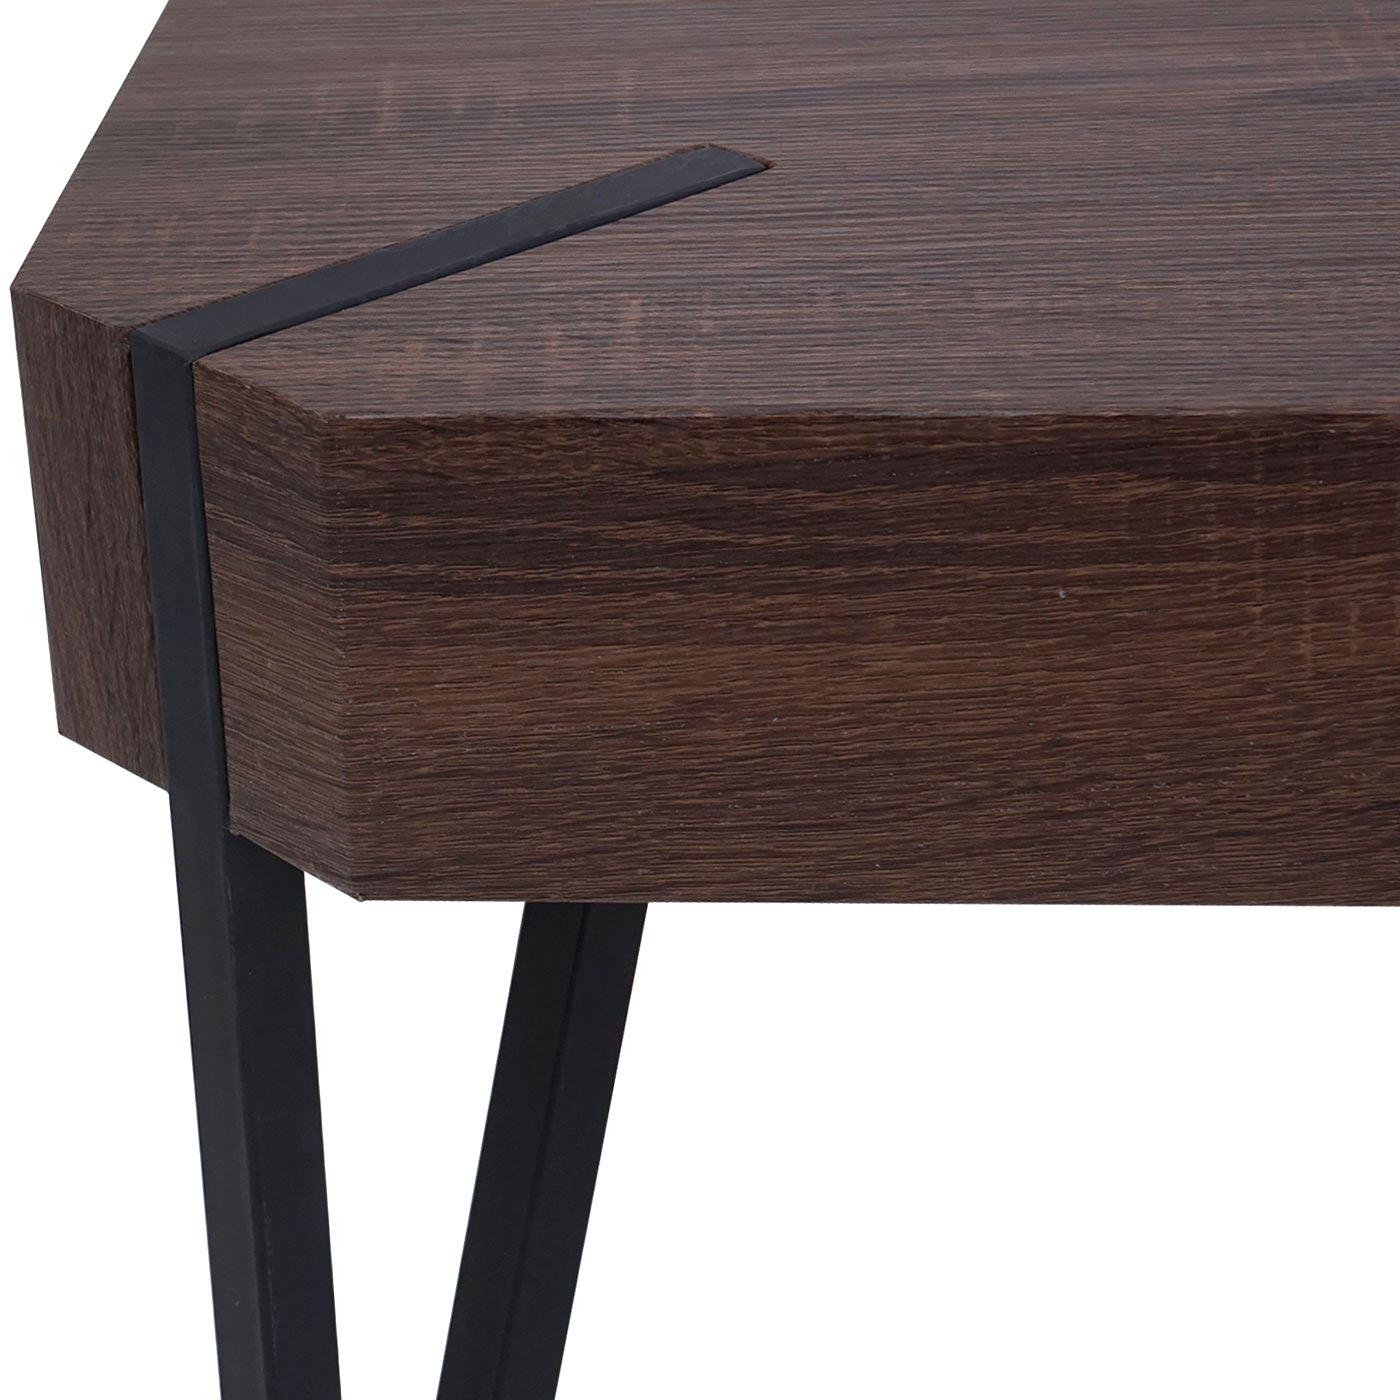 couchtisch kos t574 beistelltisch 52x50x50cm fsc zertifiziert braune eiche dunkle metall f e. Black Bedroom Furniture Sets. Home Design Ideas